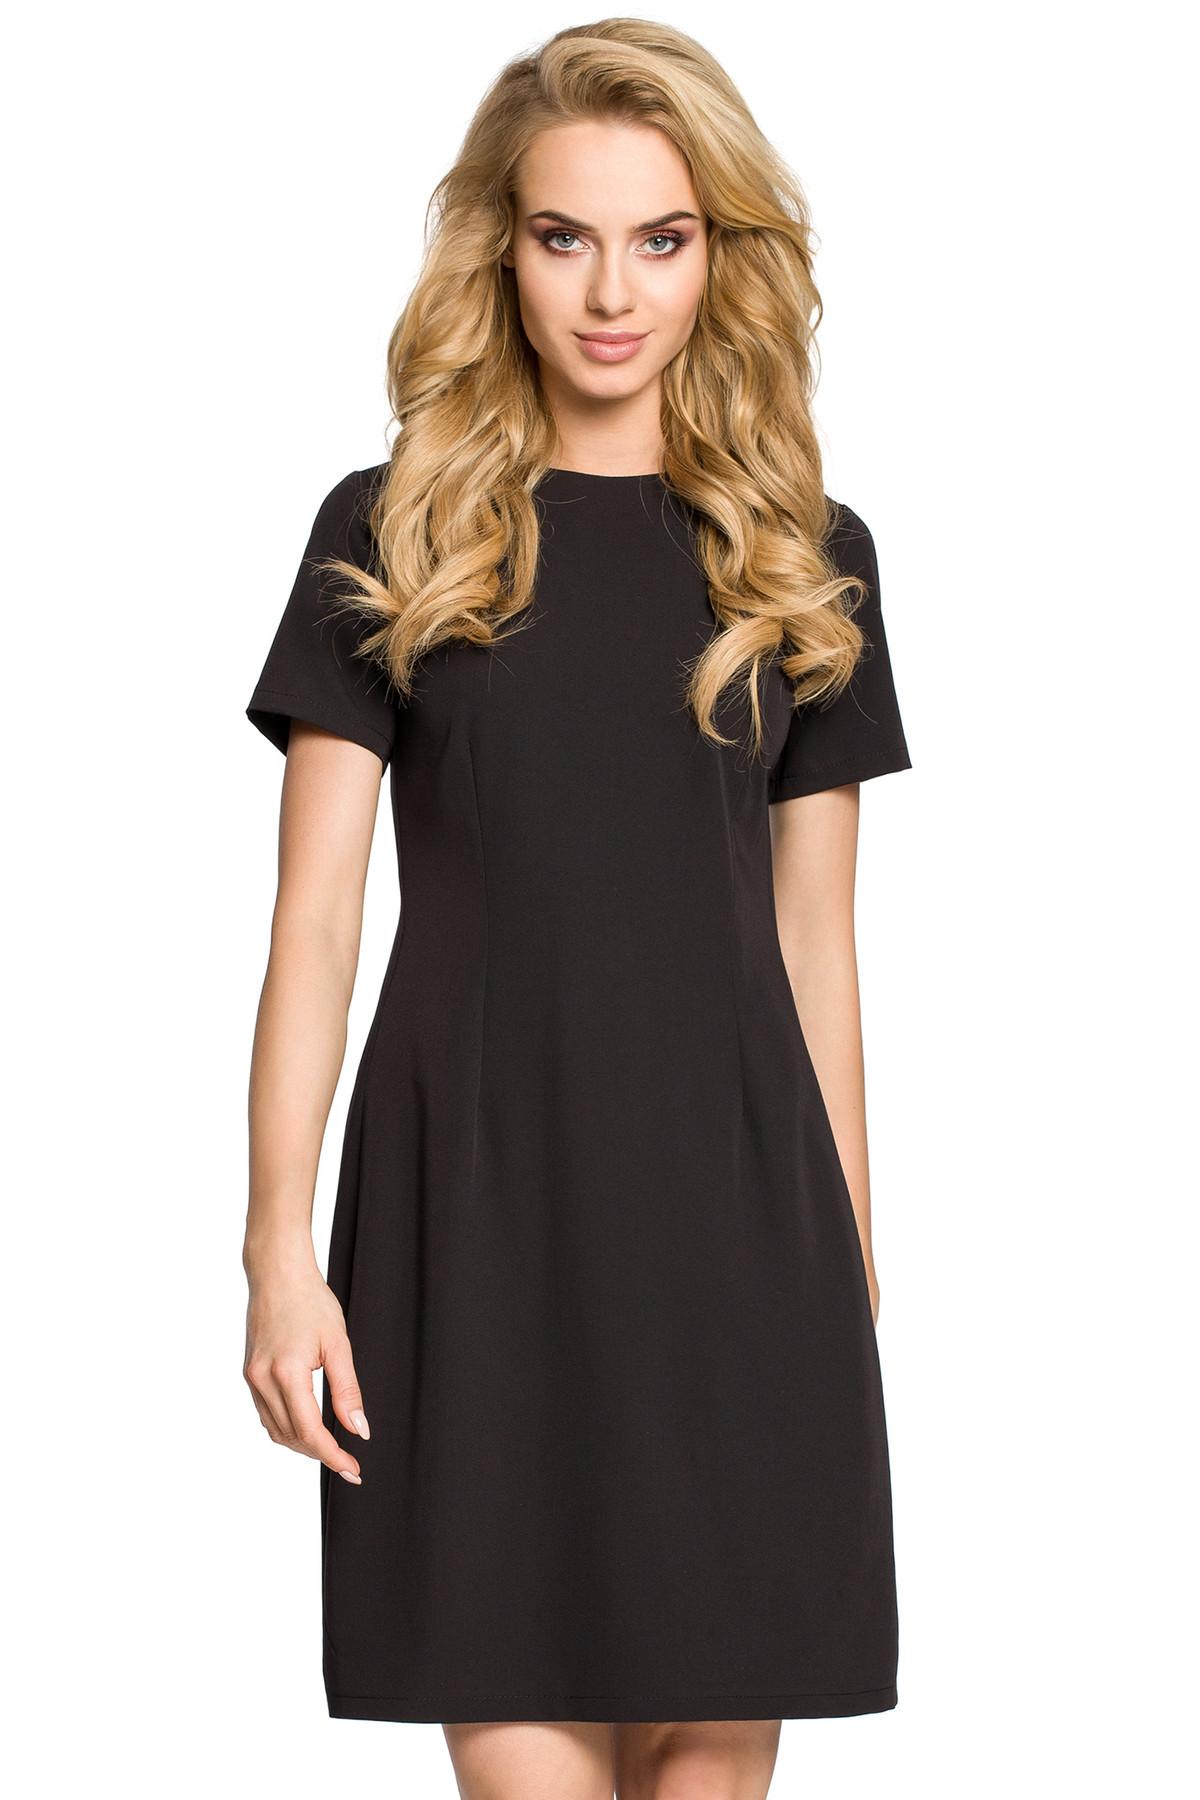 Clea Trapezförmiges Kleid mit Kellerfalte am Rücken Damen Kleider ...